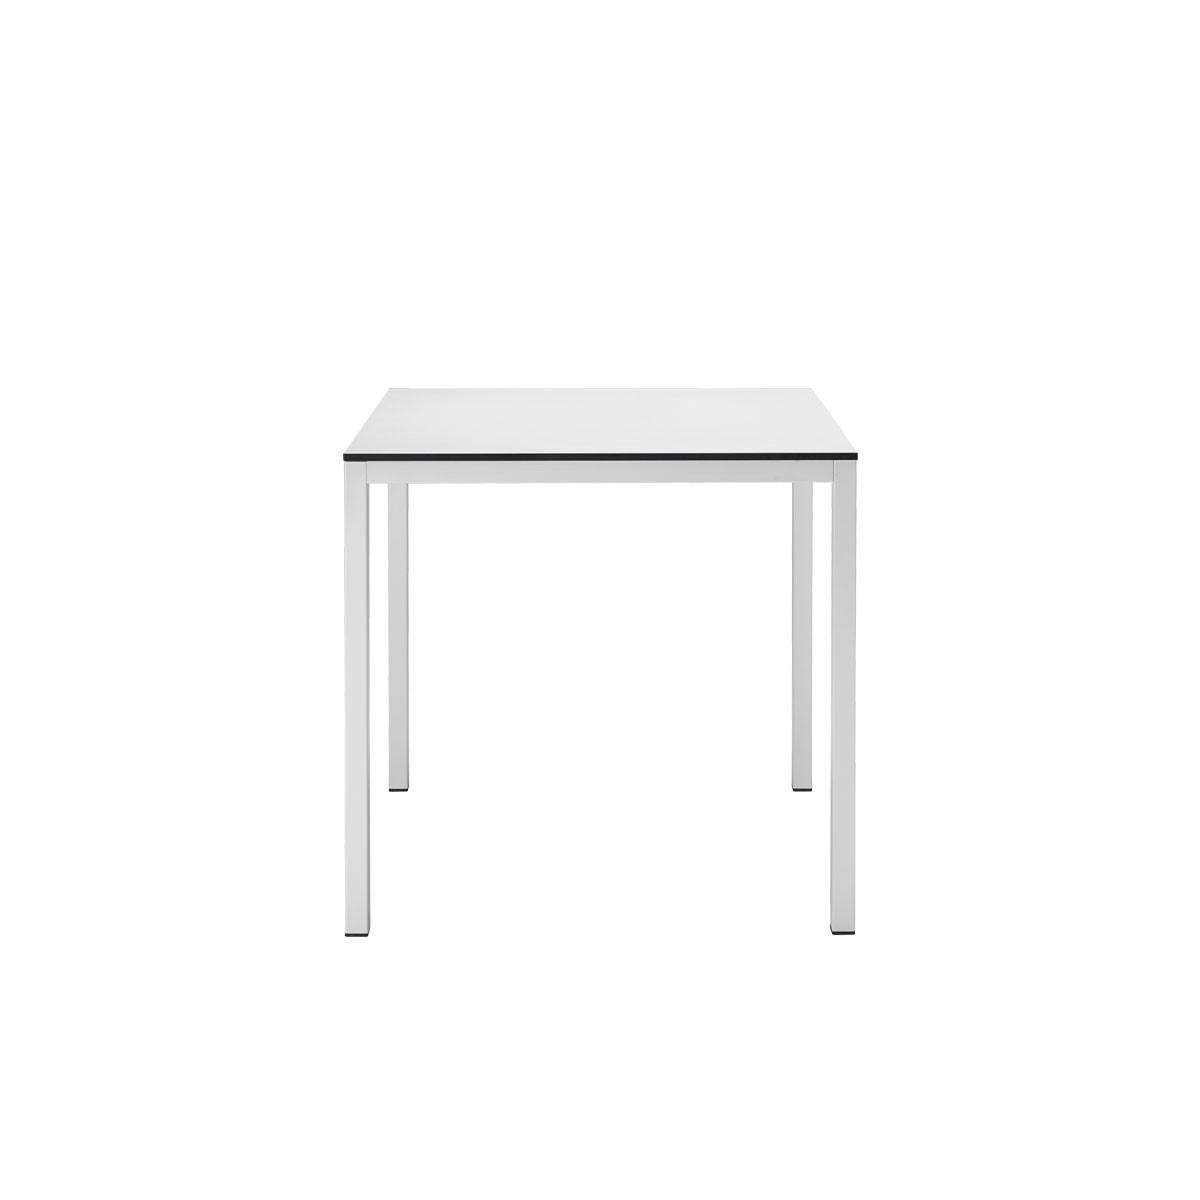 Stół do restauracji MIRTO Scab Design metalowy